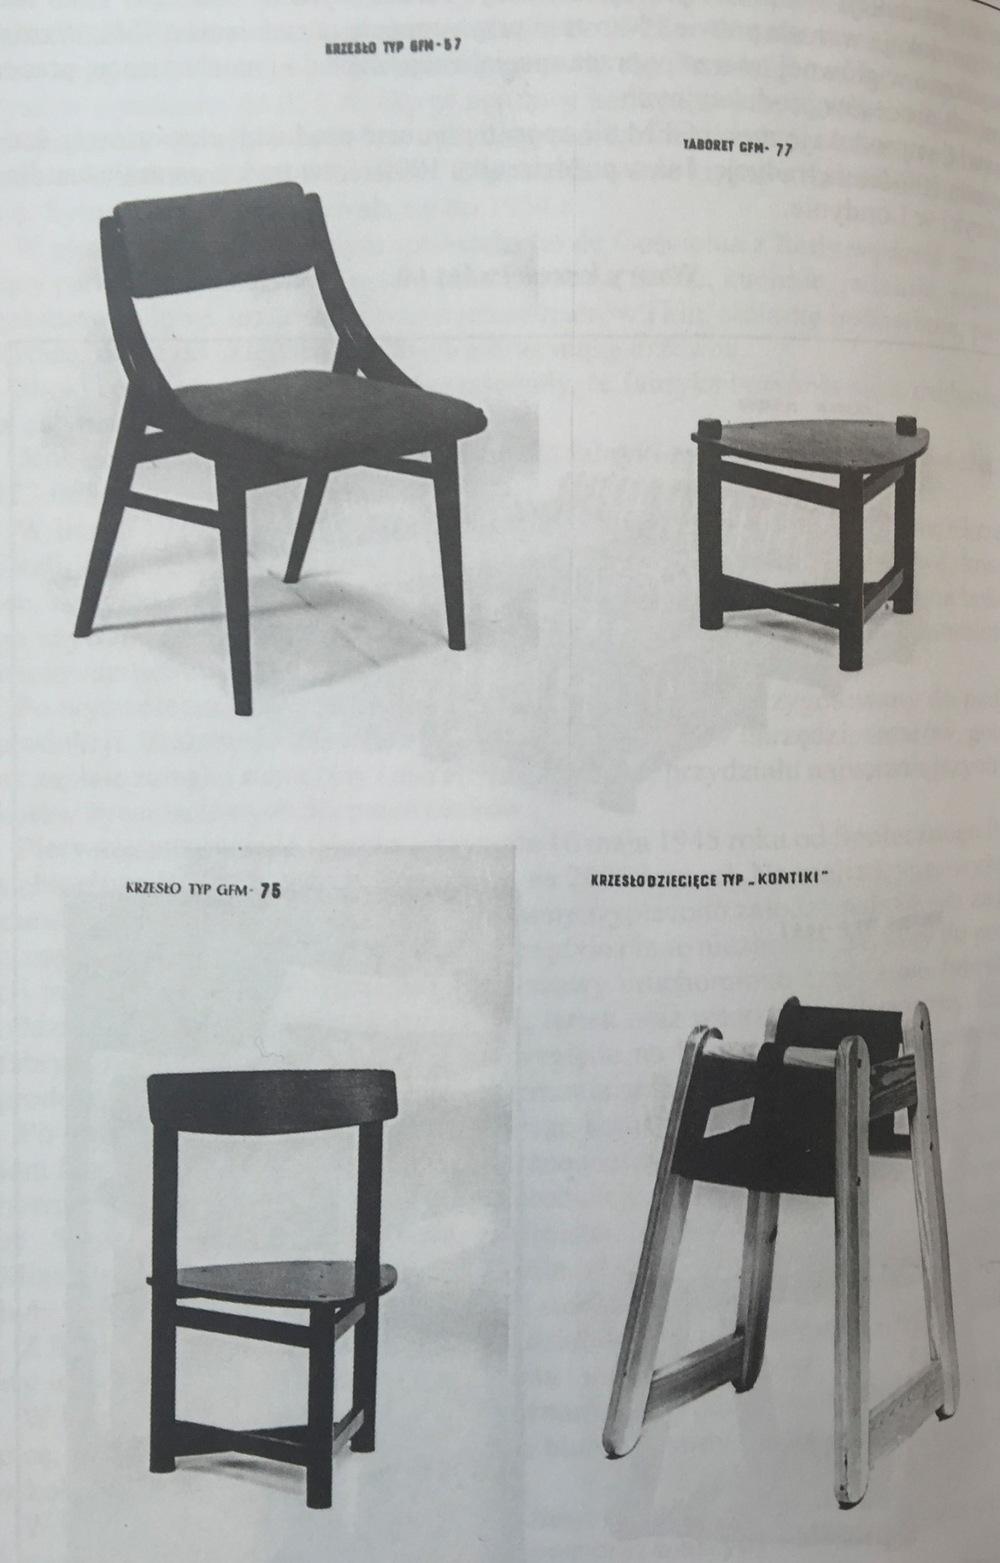 100-lat-gfm_krzeslo-gfm-57